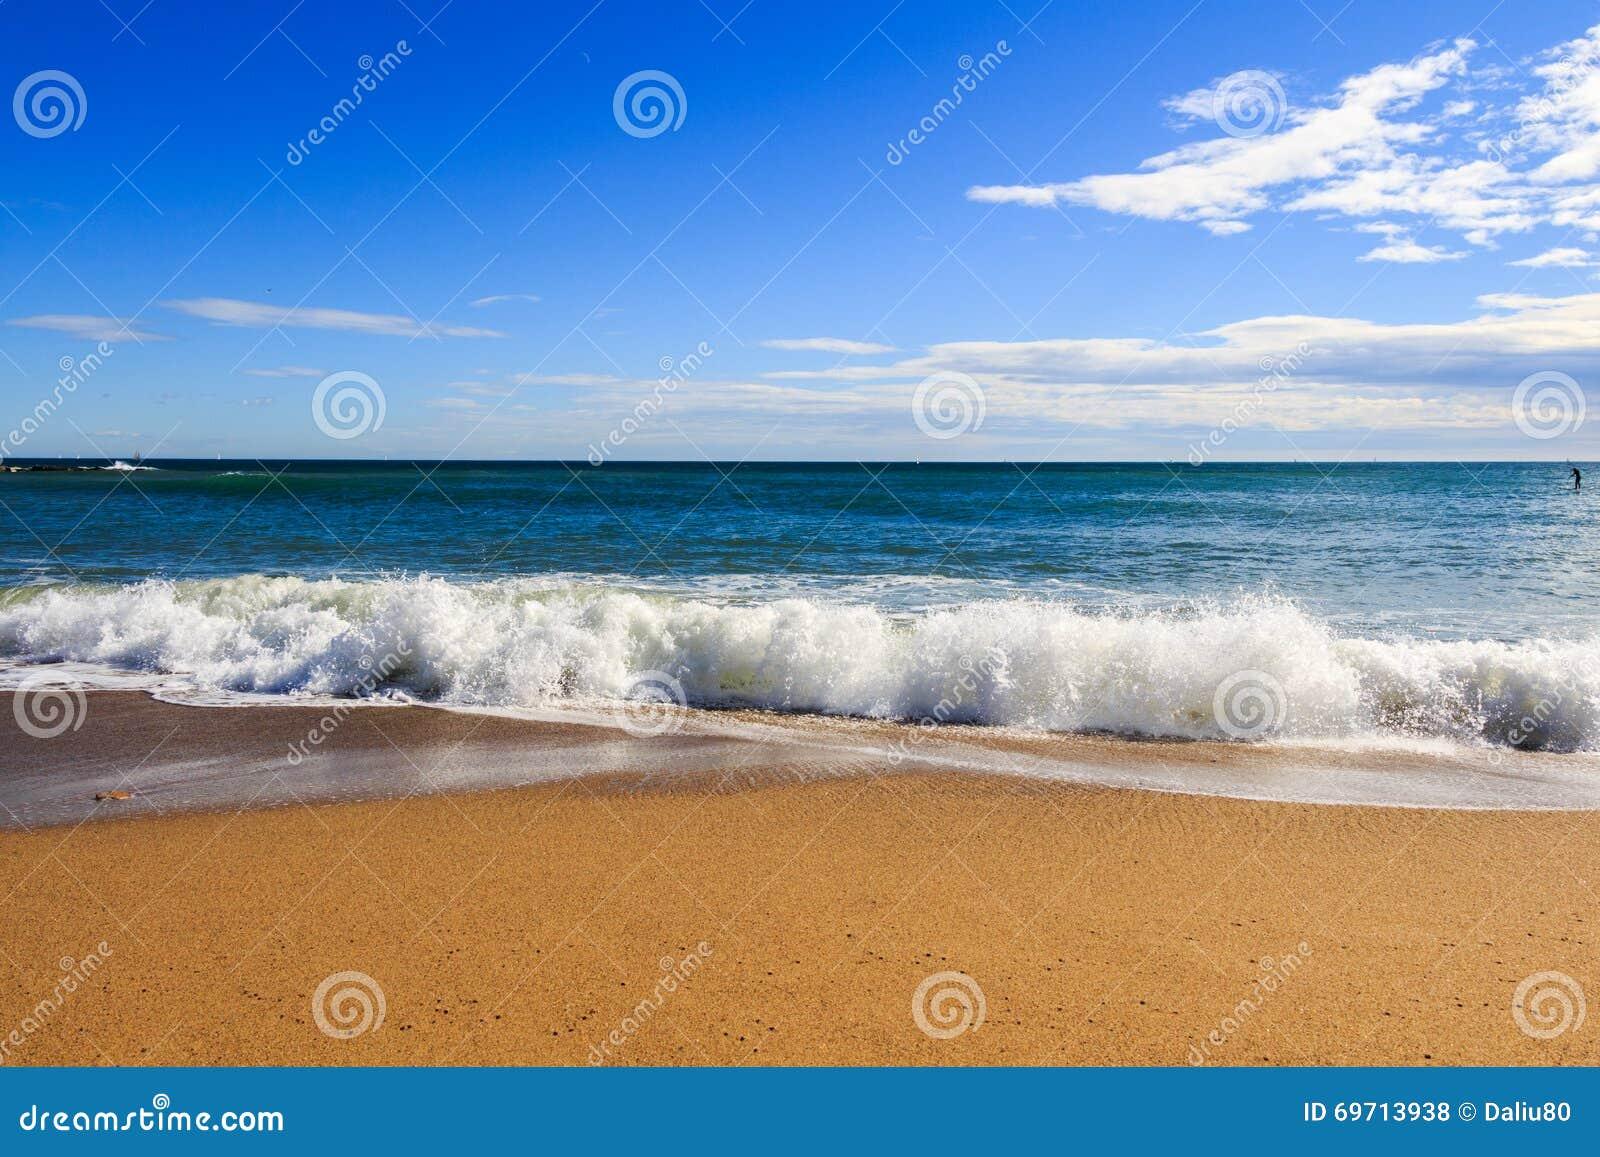 Point de vue de paysage de relaxation de lumière du jour du soleil de sable de ciel bleu de plage de mer pour la carte postale et